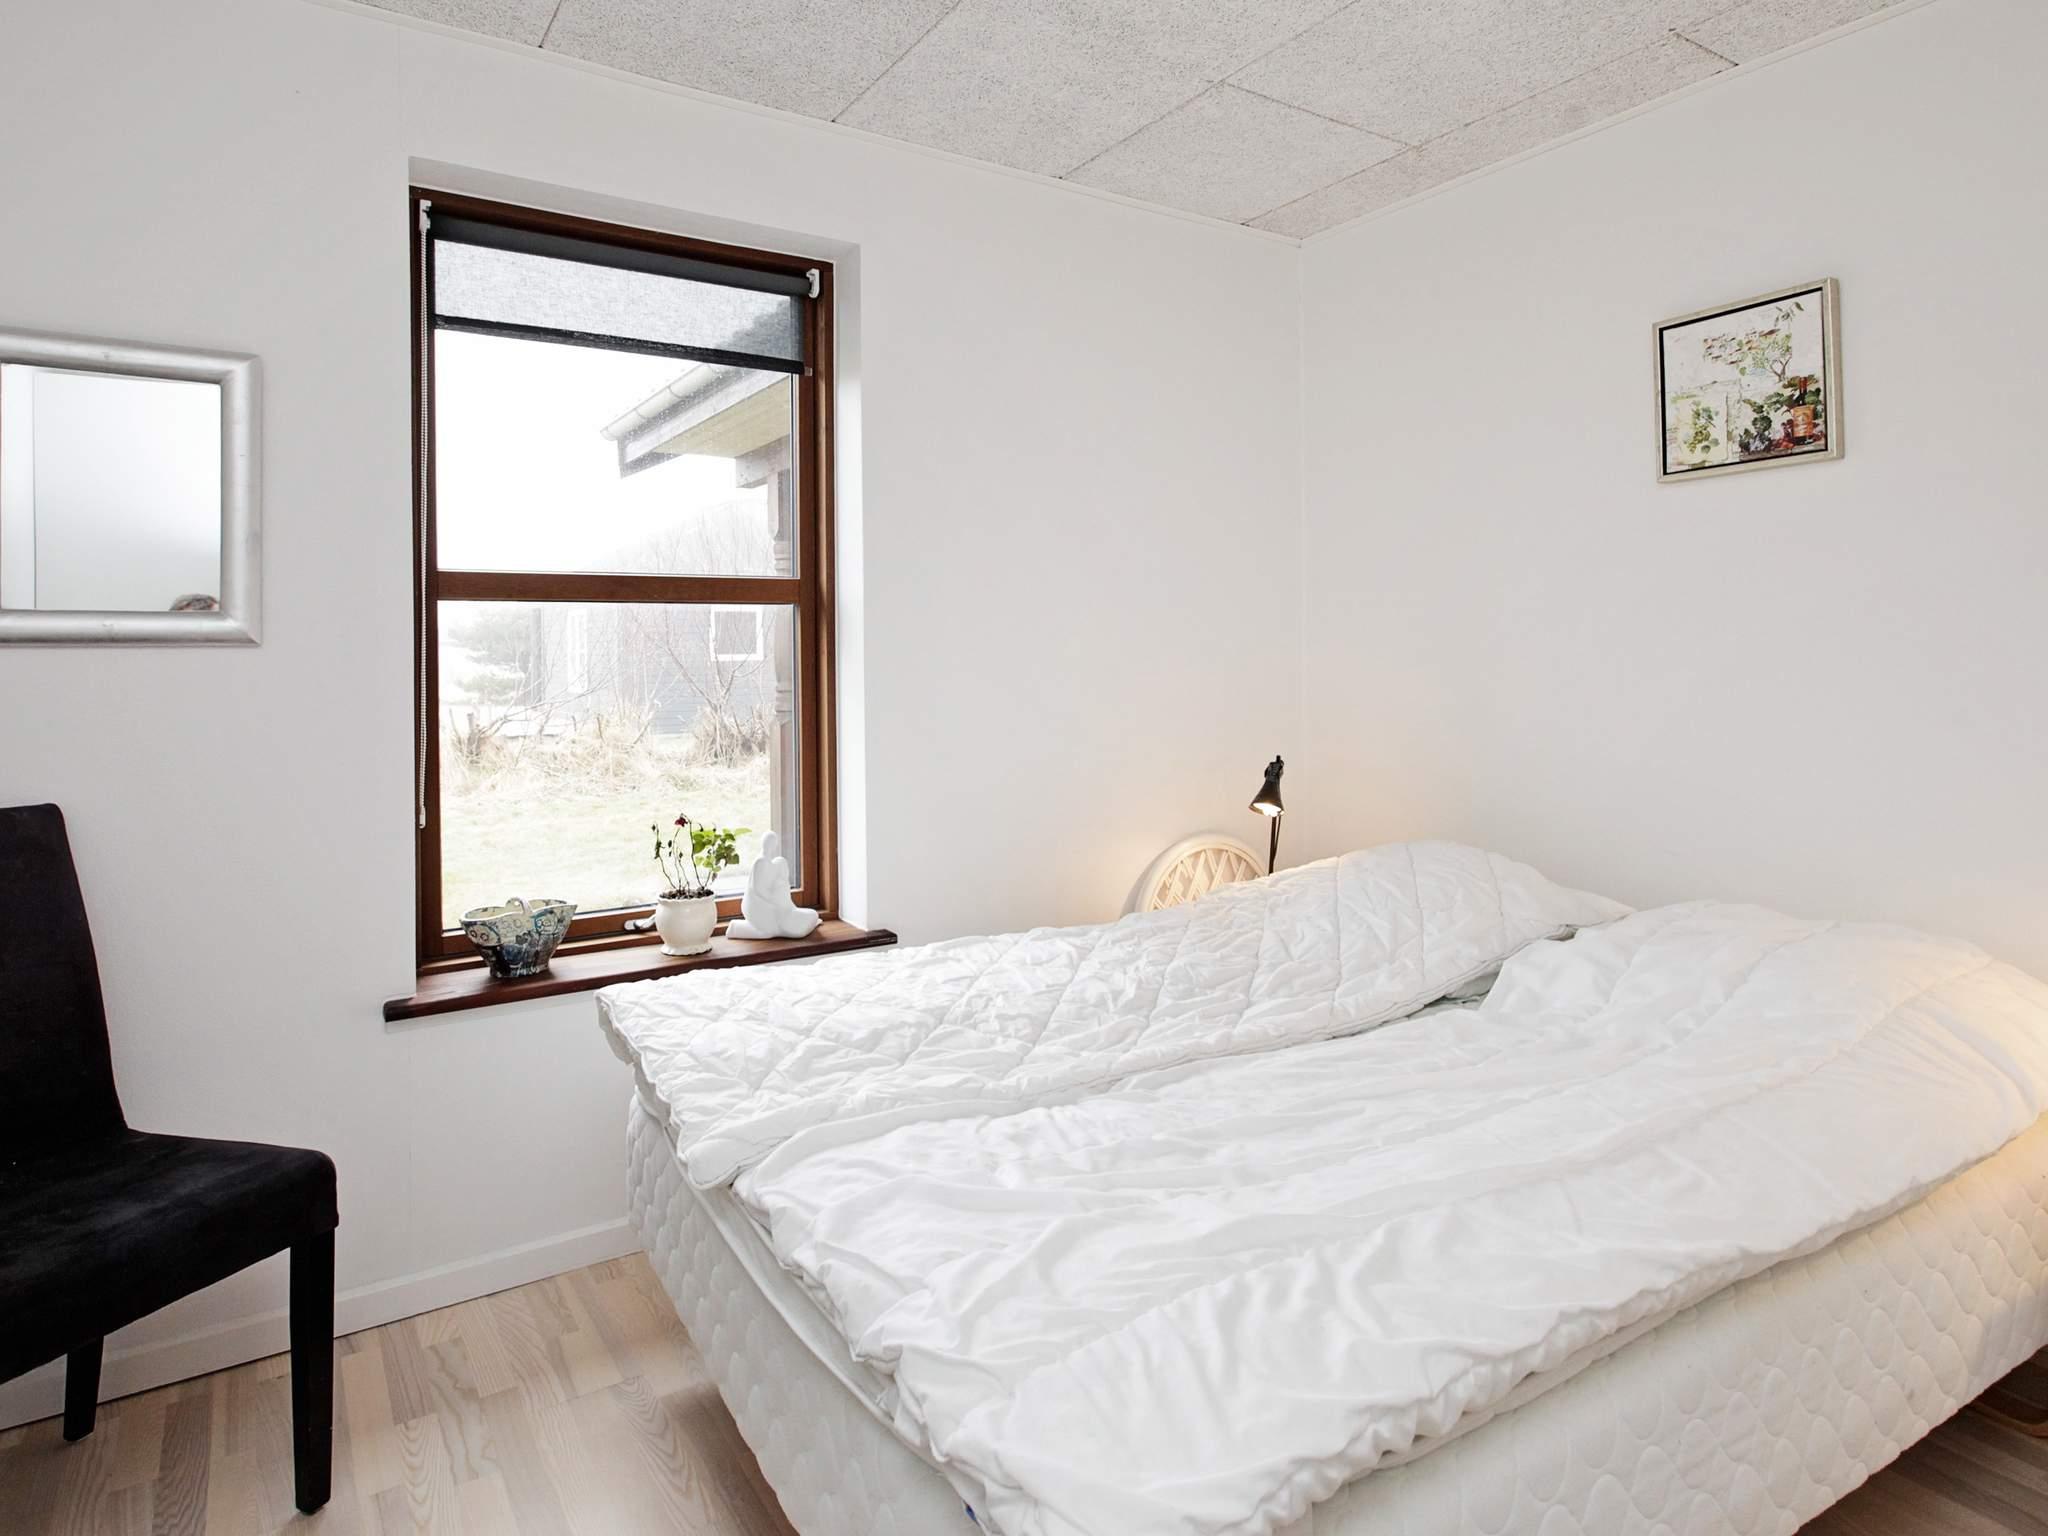 Ferienhaus Kjul Strand (2355503), Hirtshals, , Nordwestjütland, Dänemark, Bild 10